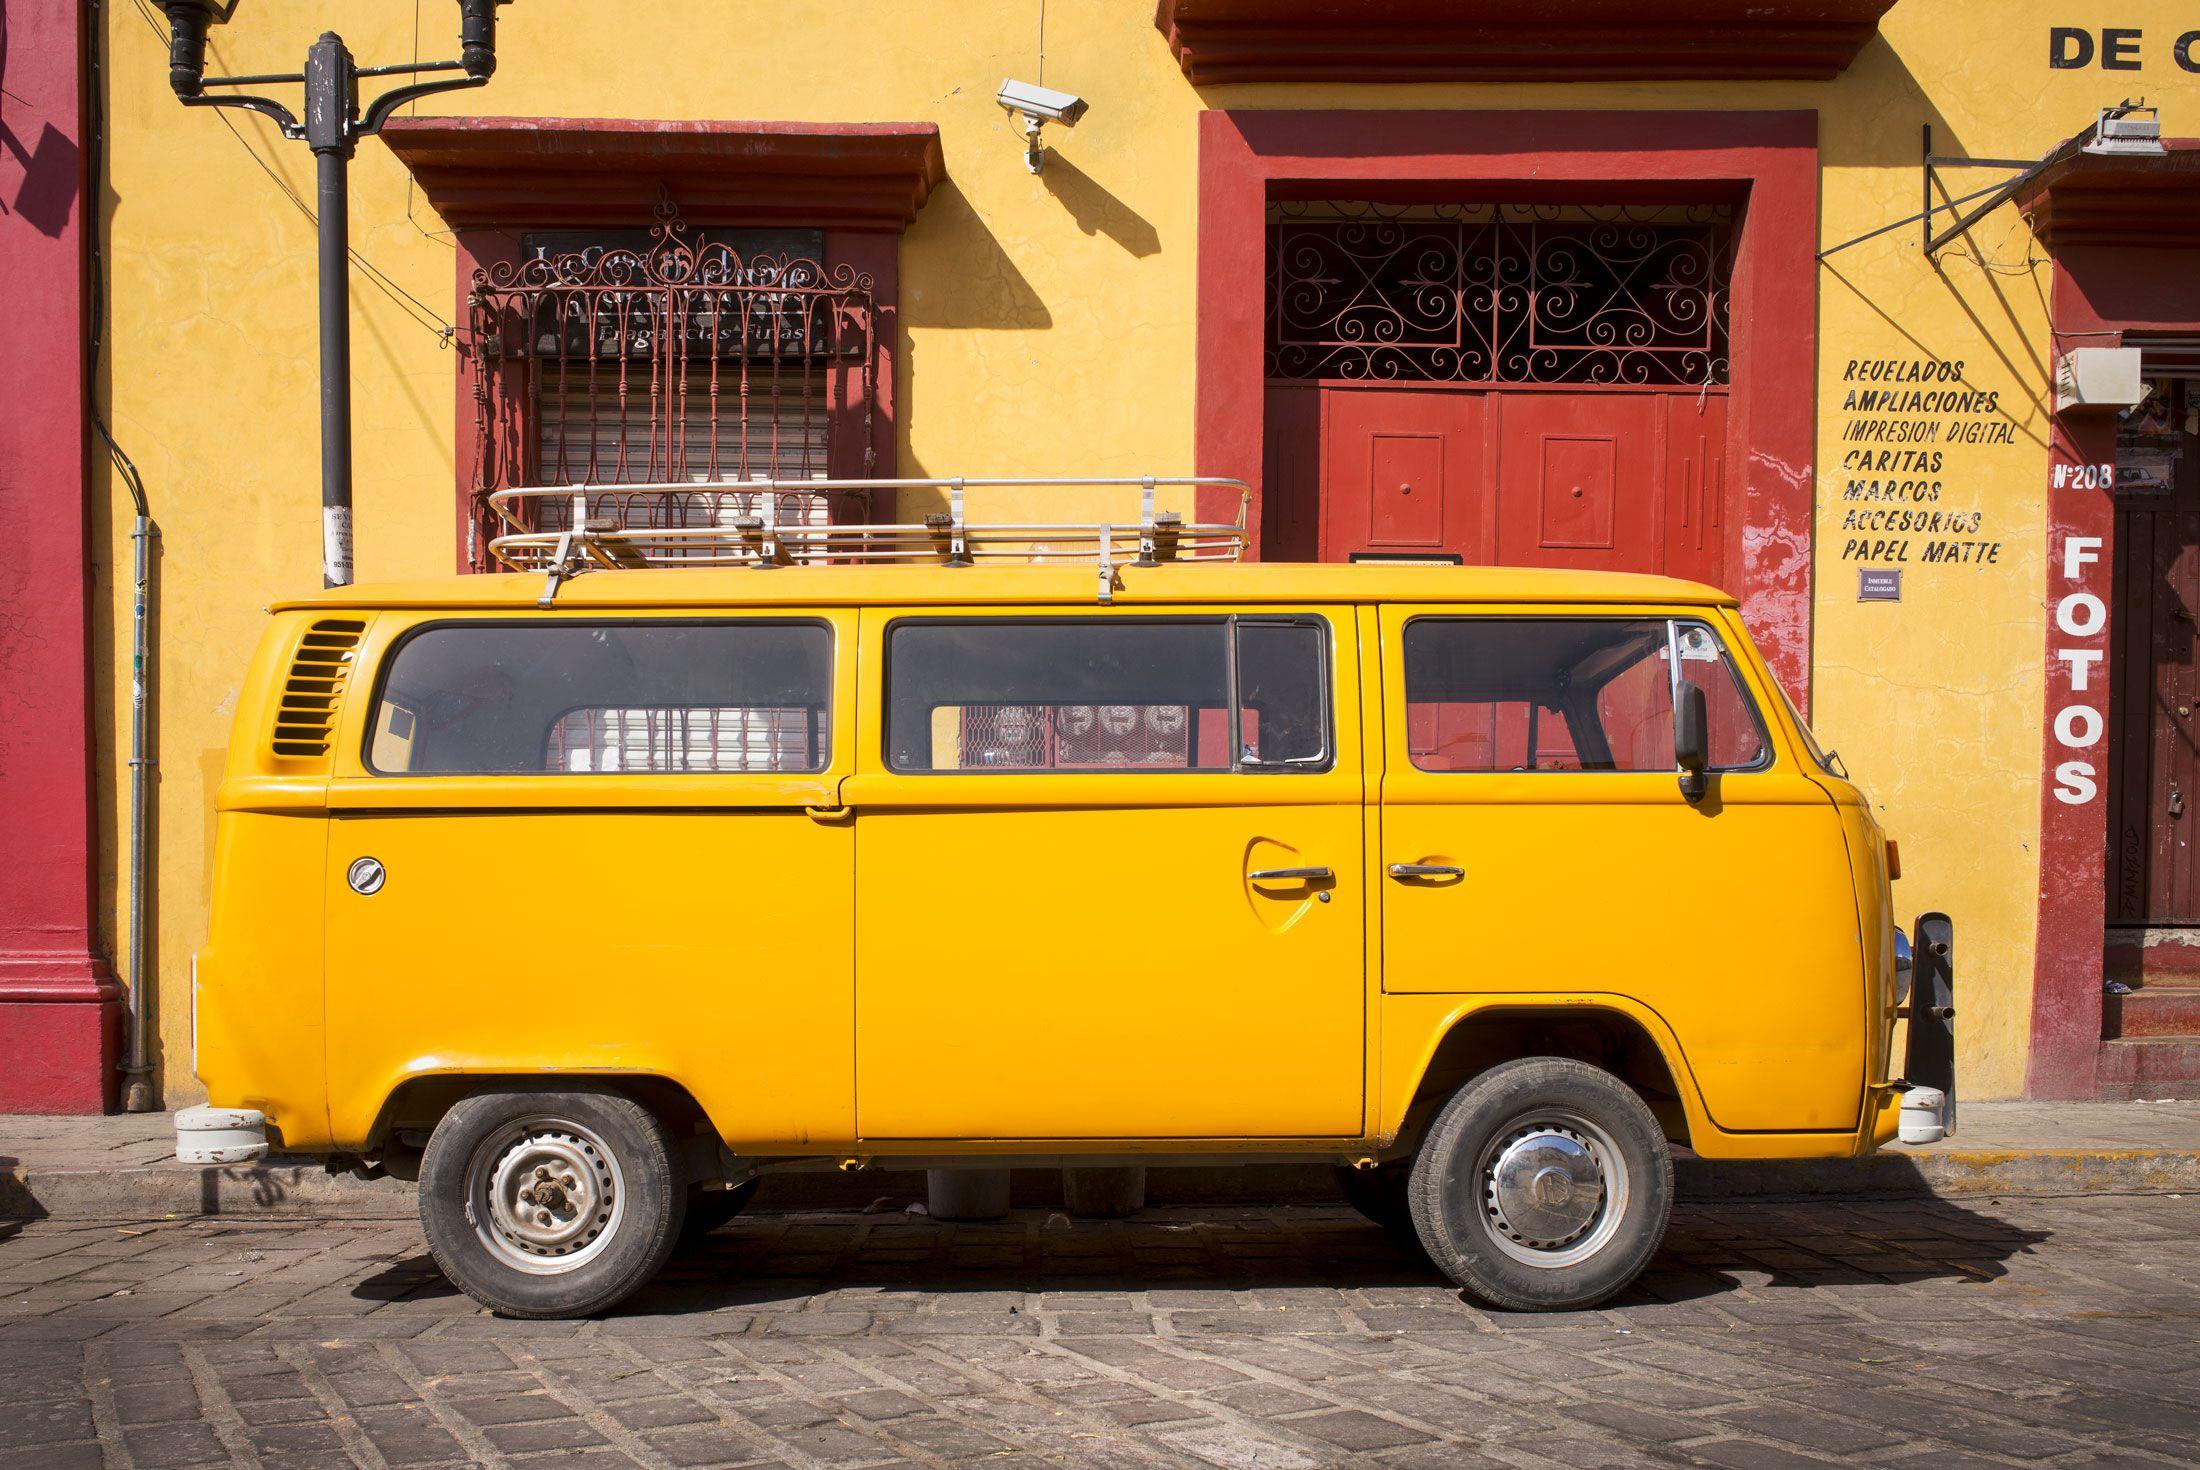 OaxacaScenes_010118__0026.jpg